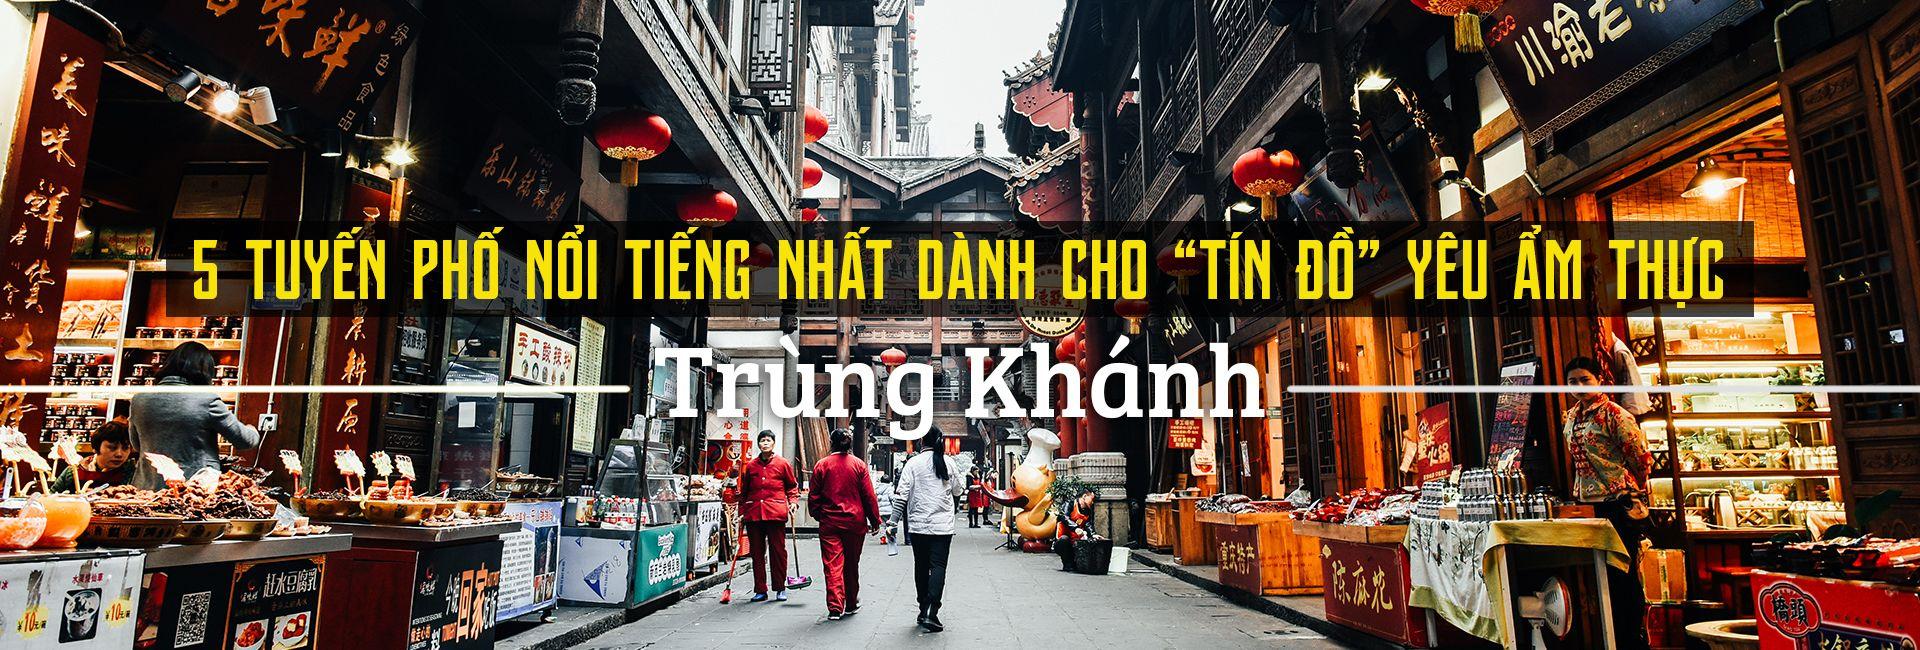 Top 5 phố ẩm thực nổi tiếng ở Trùng Khánh, Trung Quốc